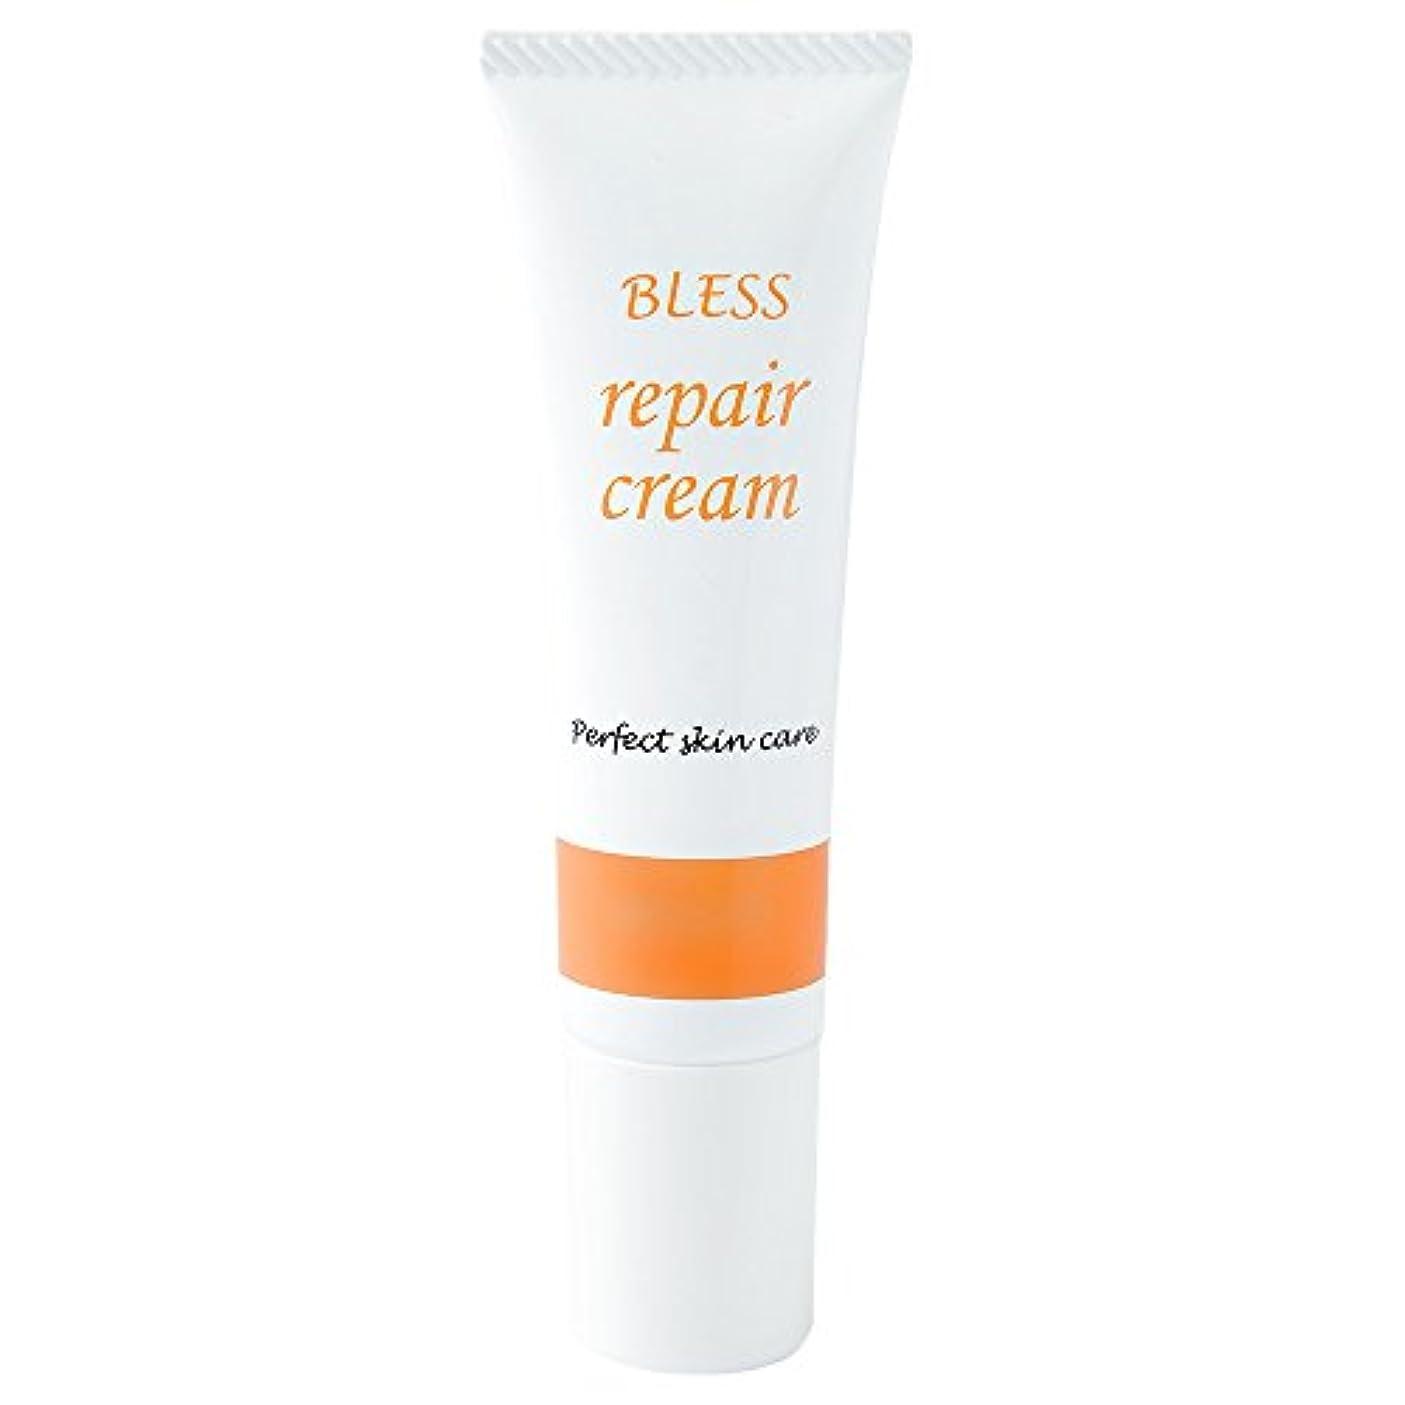 してはいけない冷える上に築きます【BLESS】 しわ 対策用 エイジング リペアクリーム 30g 無添加 抗シワ評価試験済み製品 日本製 美容液